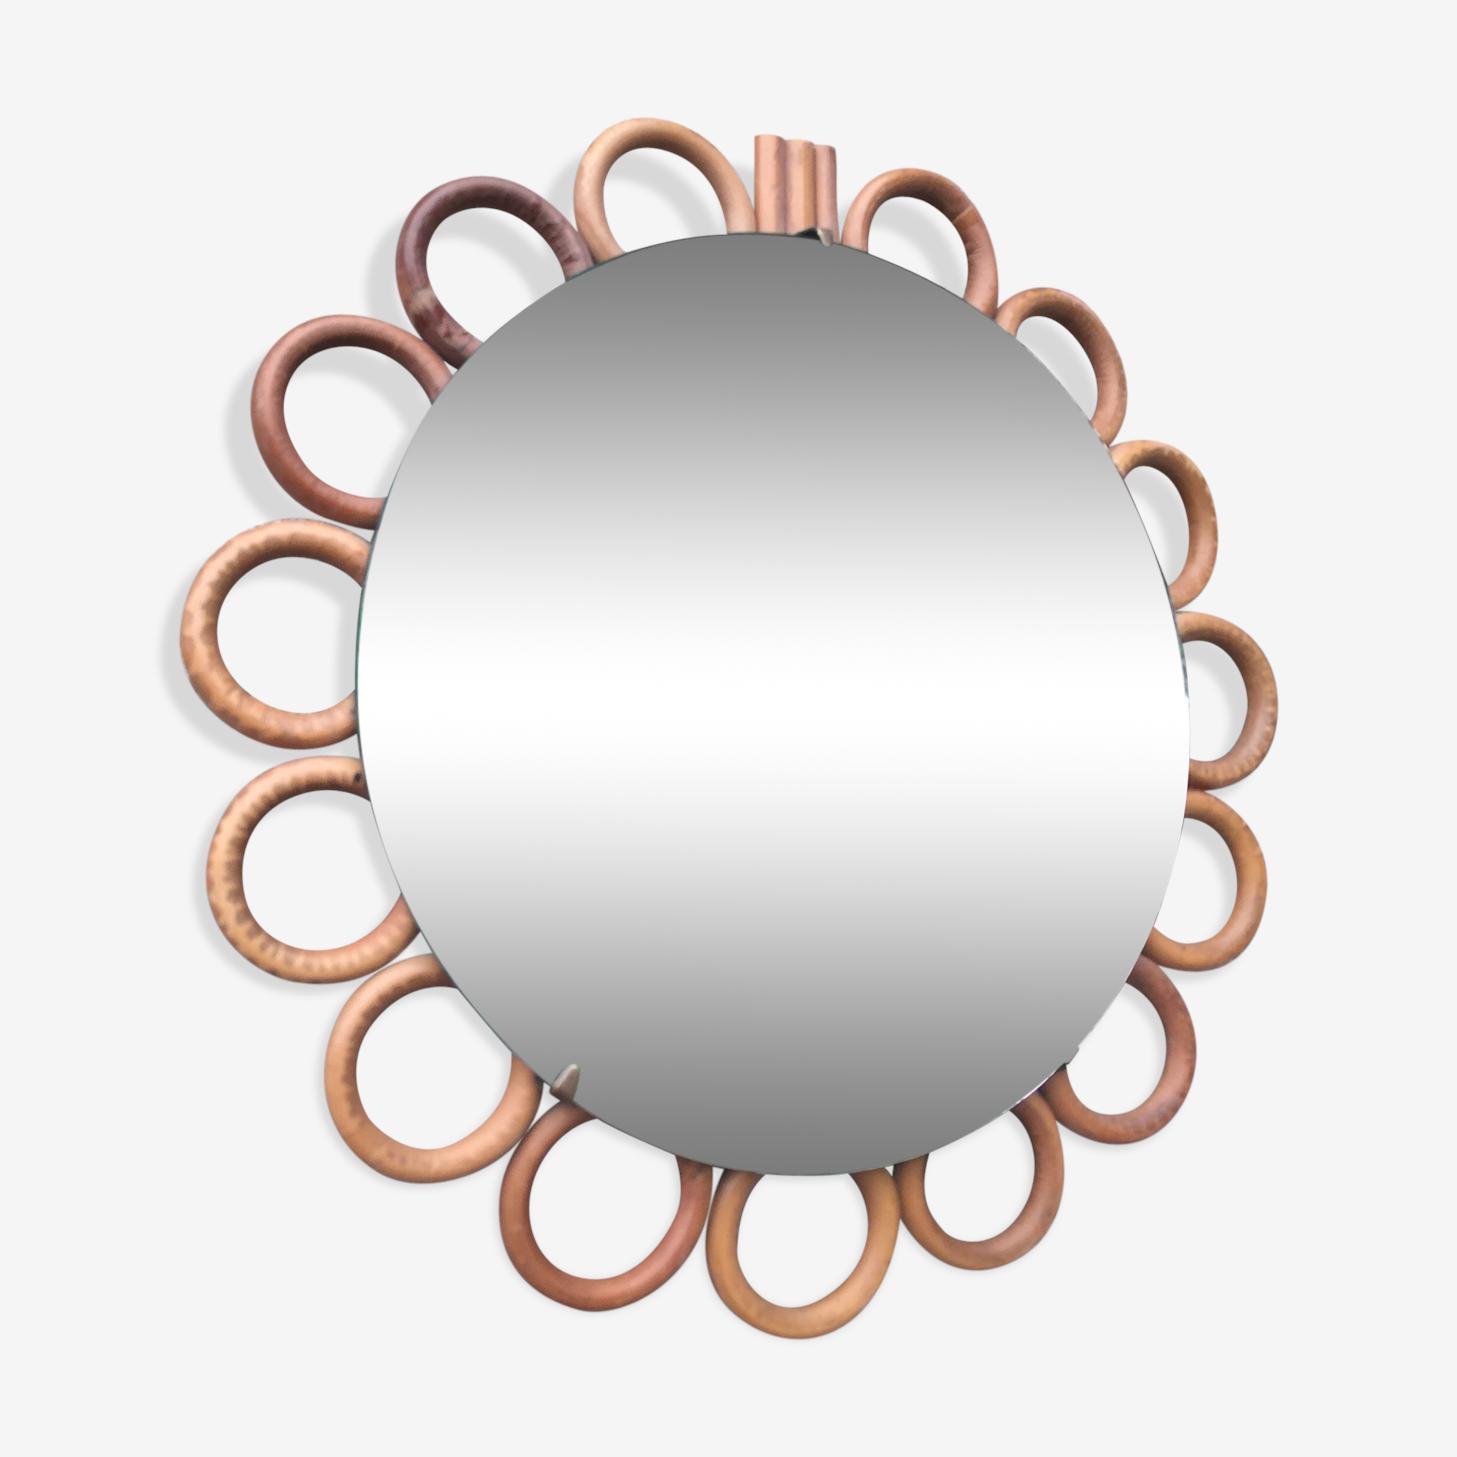 Mirror rattan 22x22cm